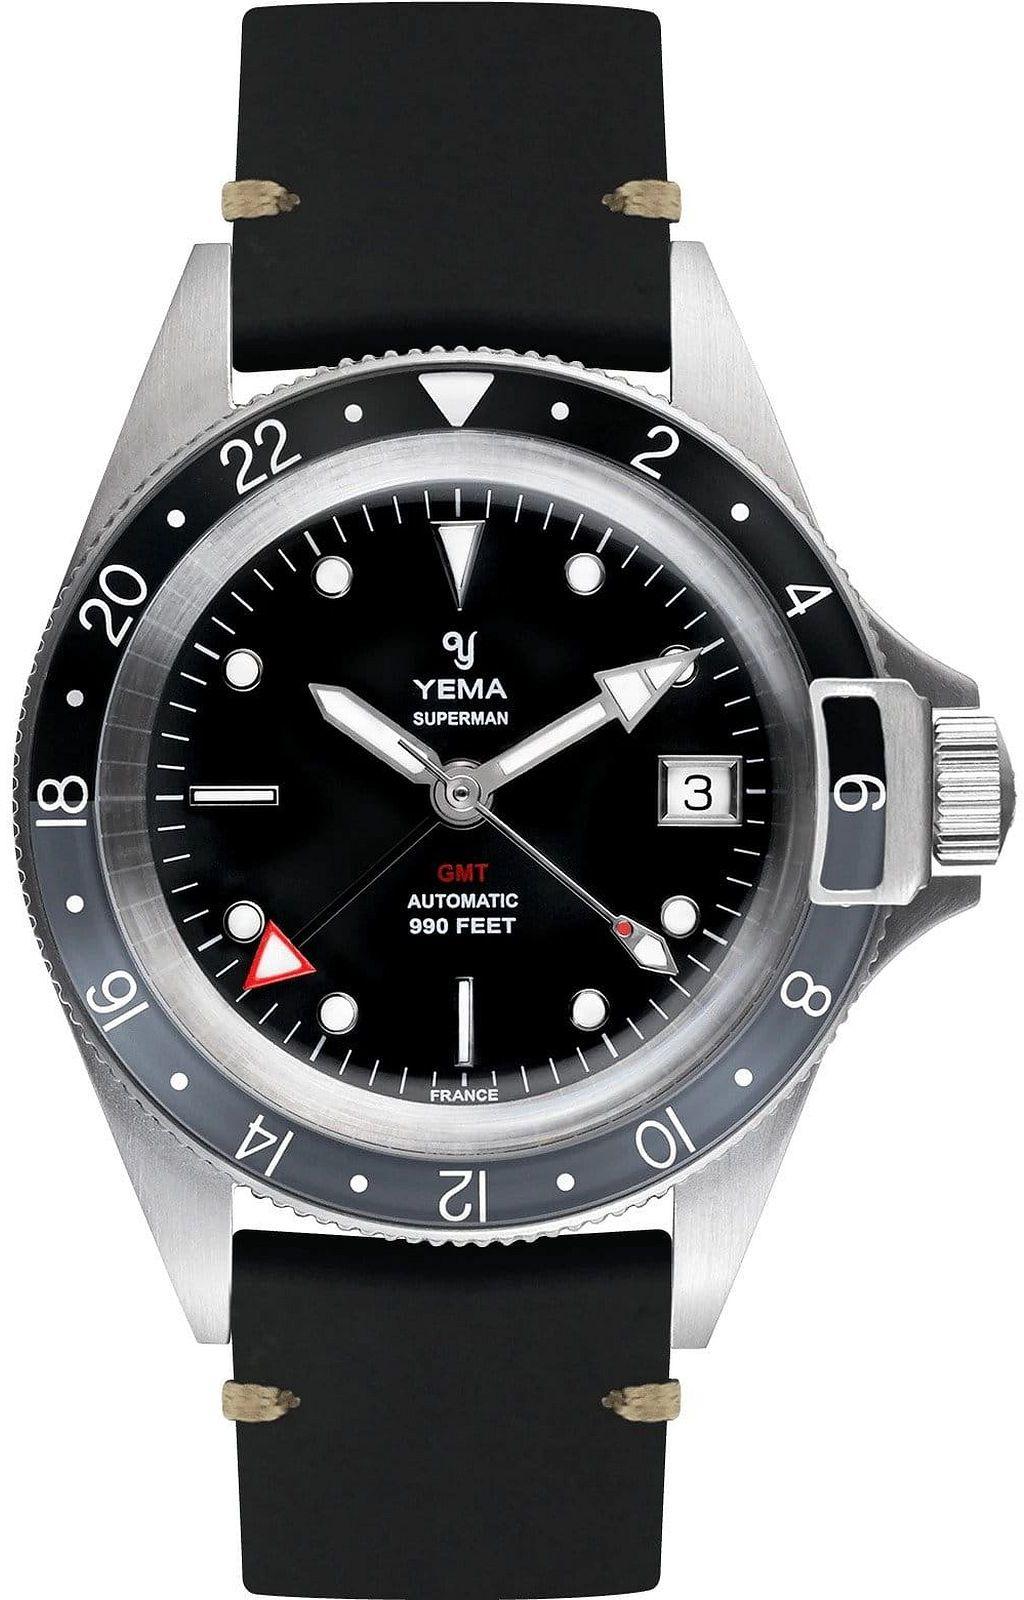 Zegarek męski Yema Superman GMT